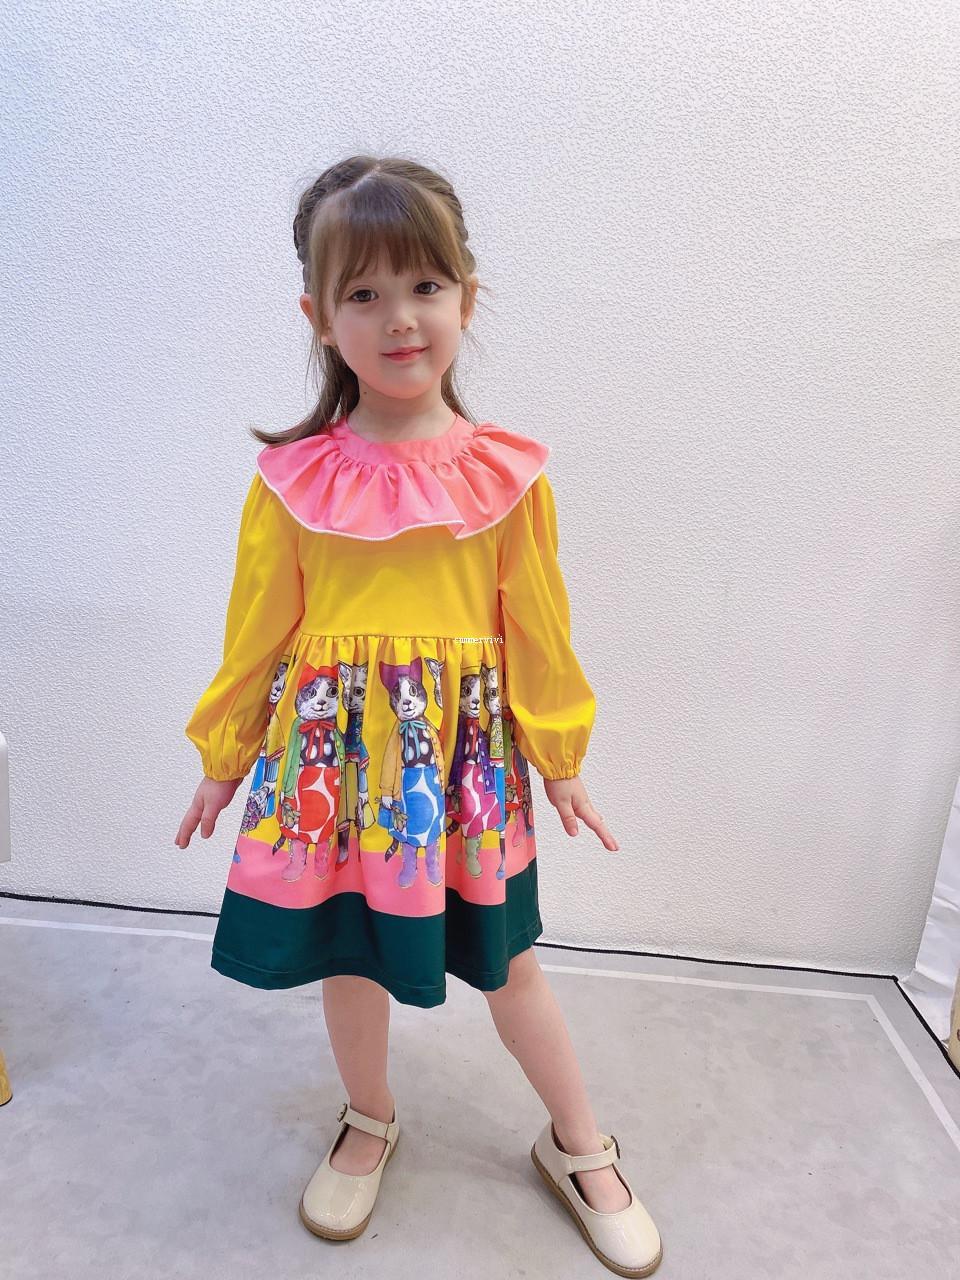 Cartoon filles Robe imprimée 2020 nouveaux enfants Big Falbala col robe à manches longues Designer Kids Robe plissée A4344